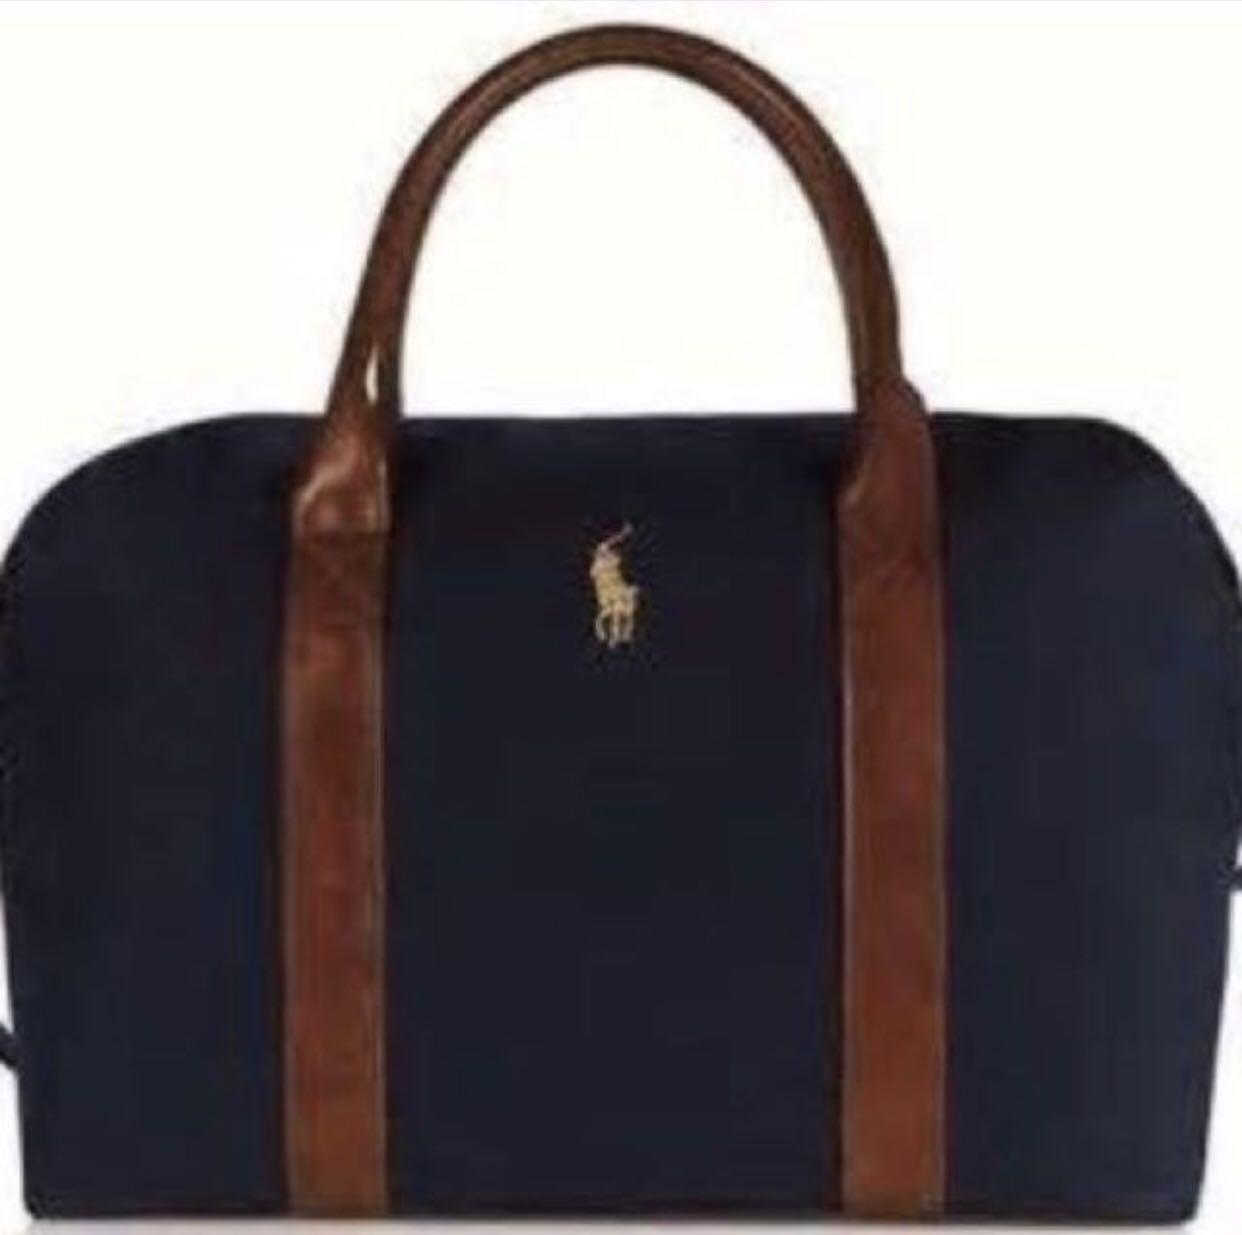 93e08a4d29 Ralph Lauren Duffle Bag